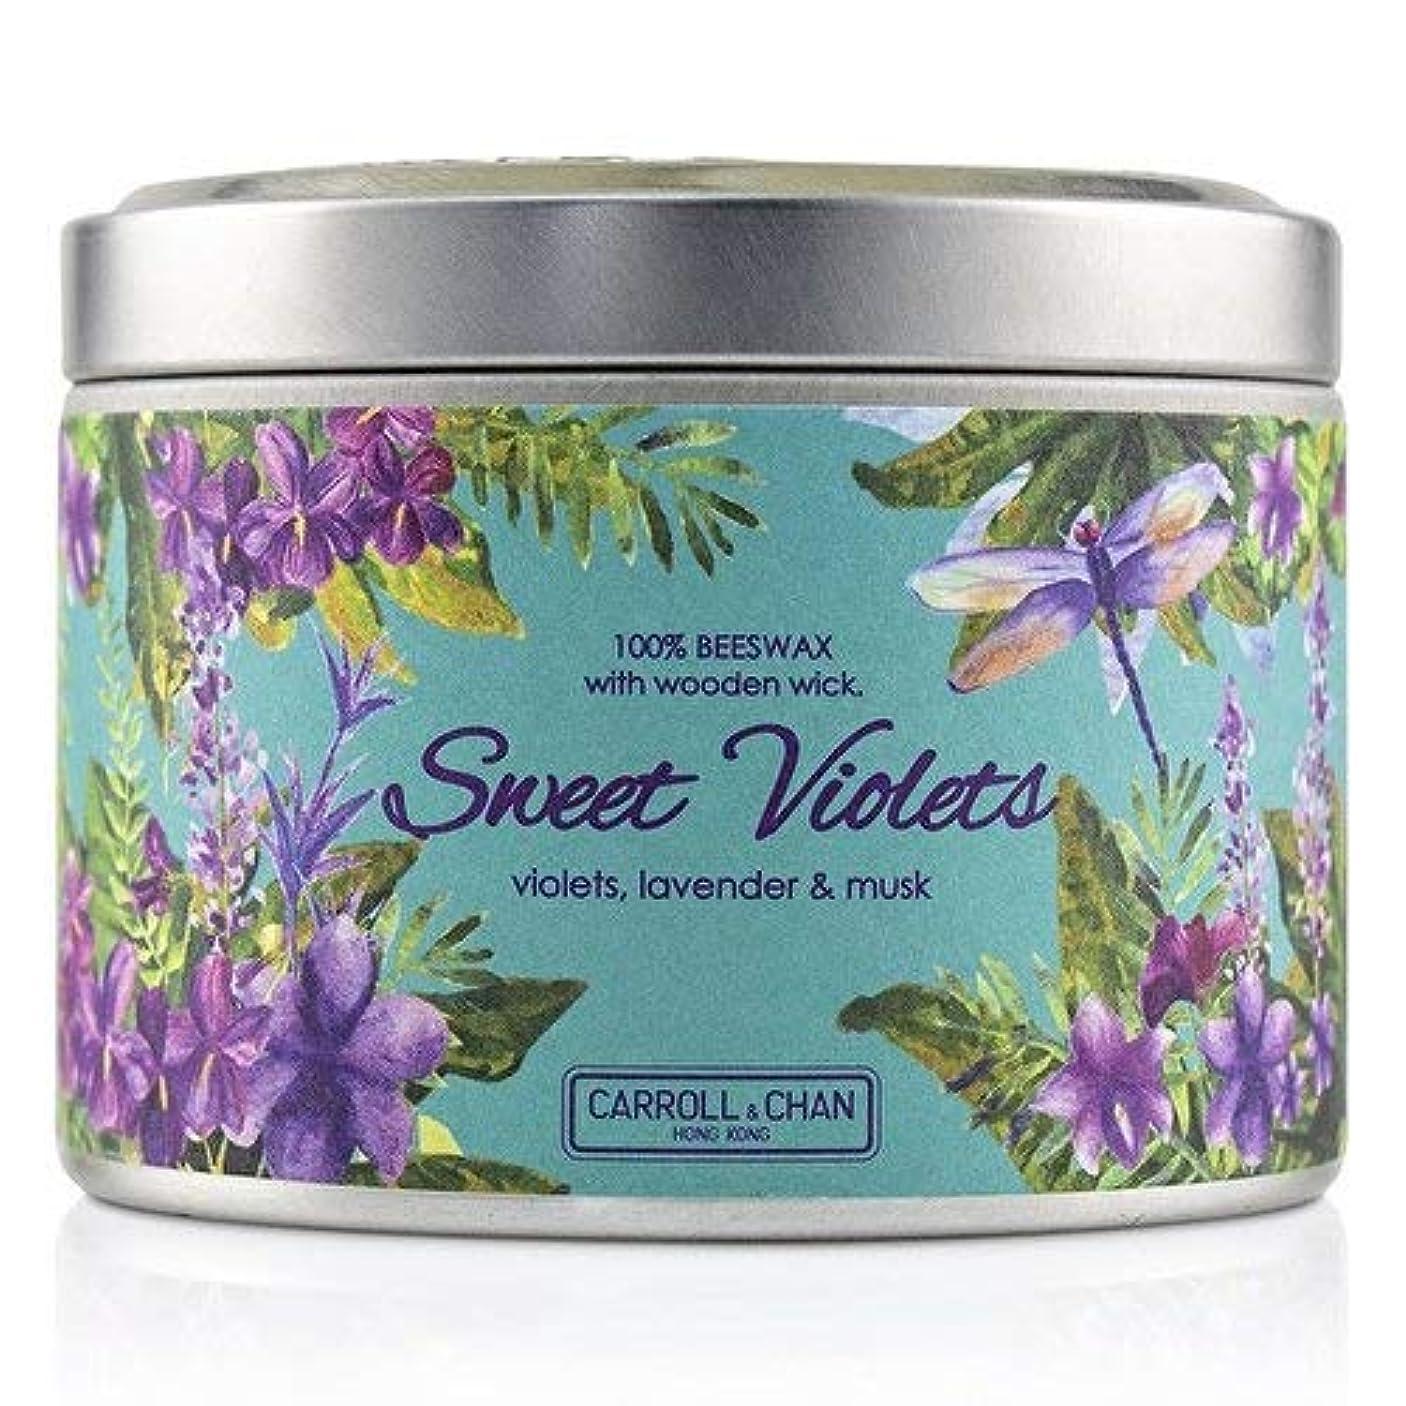 スワップとにかくブートキャンドル?カンパニー Tin Can 100% Beeswax Candle with Wooden Wick - Sweet Violets (8x5) cm並行輸入品